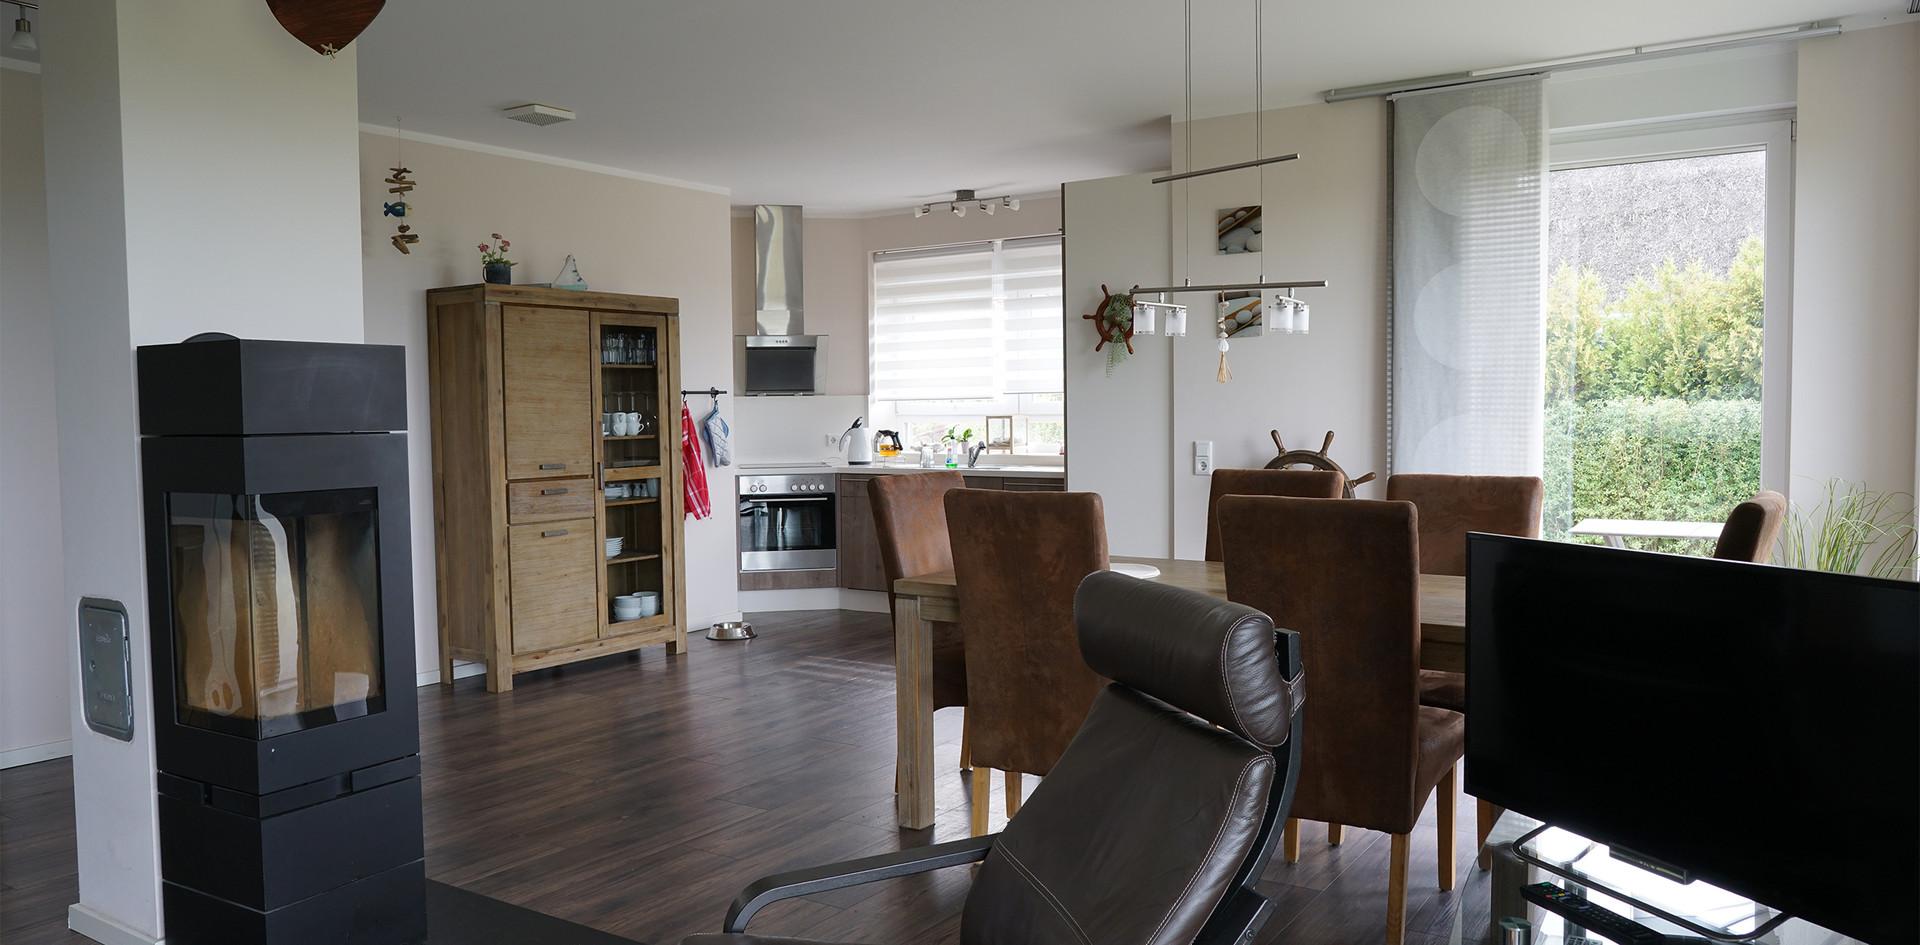 Ferienhaus auf Rügen, Esszimmer und Küche